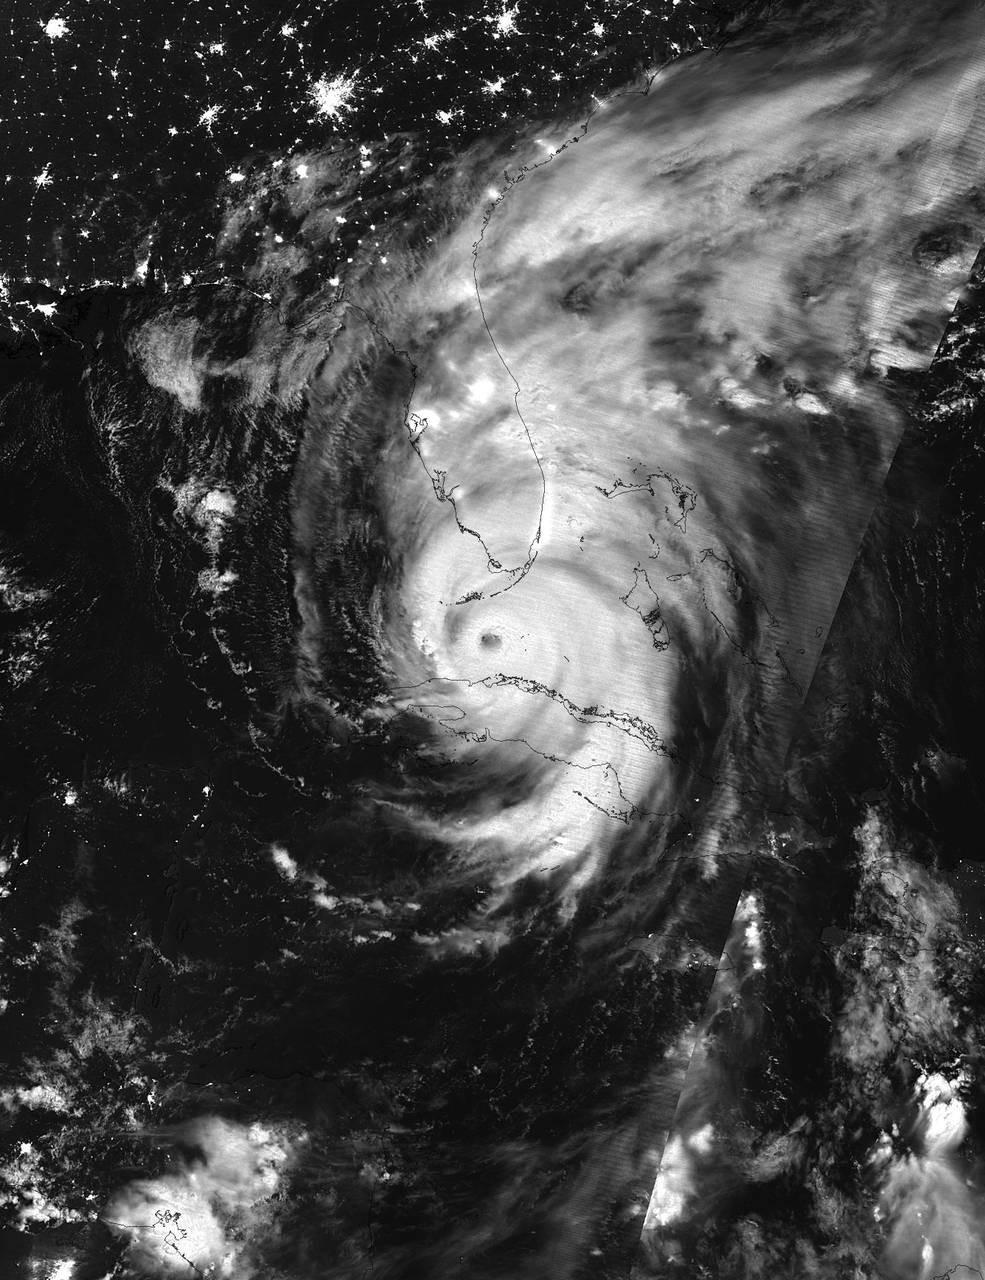 Imagem noturna feita com infravermelho do furacão Irma entre Cuba e Florida Keys (Foto: NOAA/NASA Goddard Rapid Response Team)